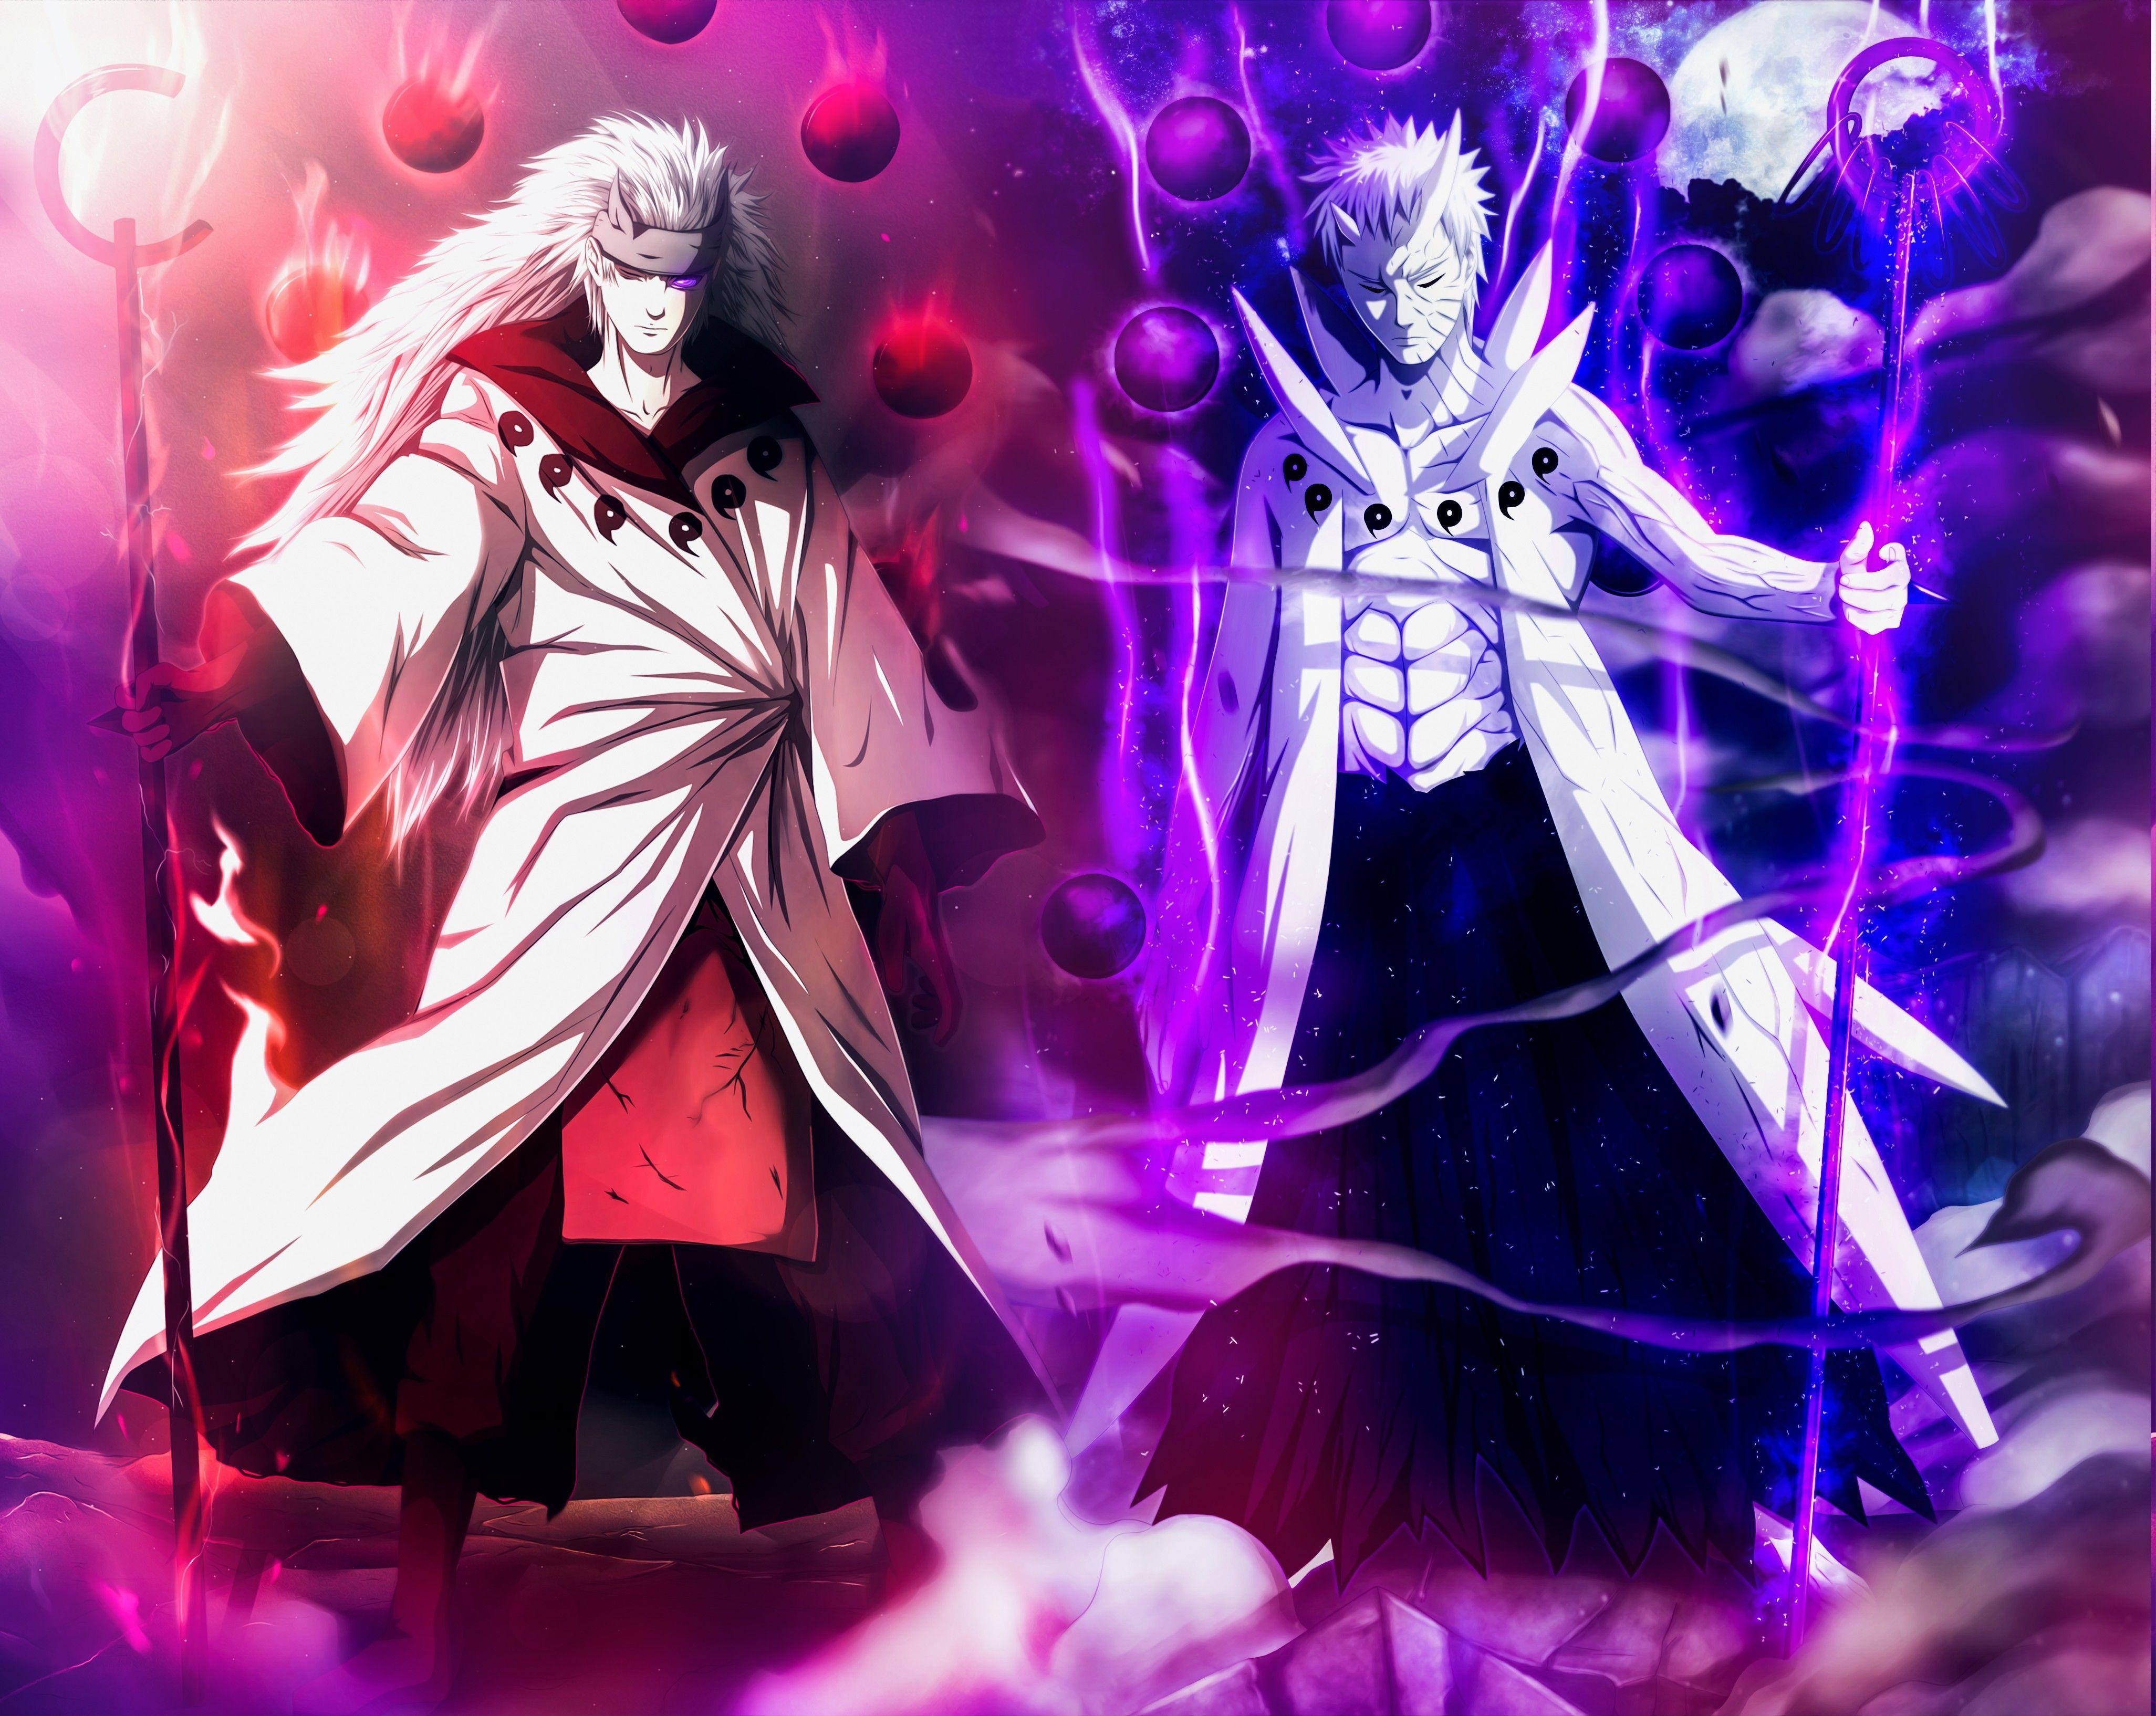 4105x3268 Naruto Shippuuden, Anime, Uchiha Obito, Uchiha Madara Hình nền có độ phân giải cao